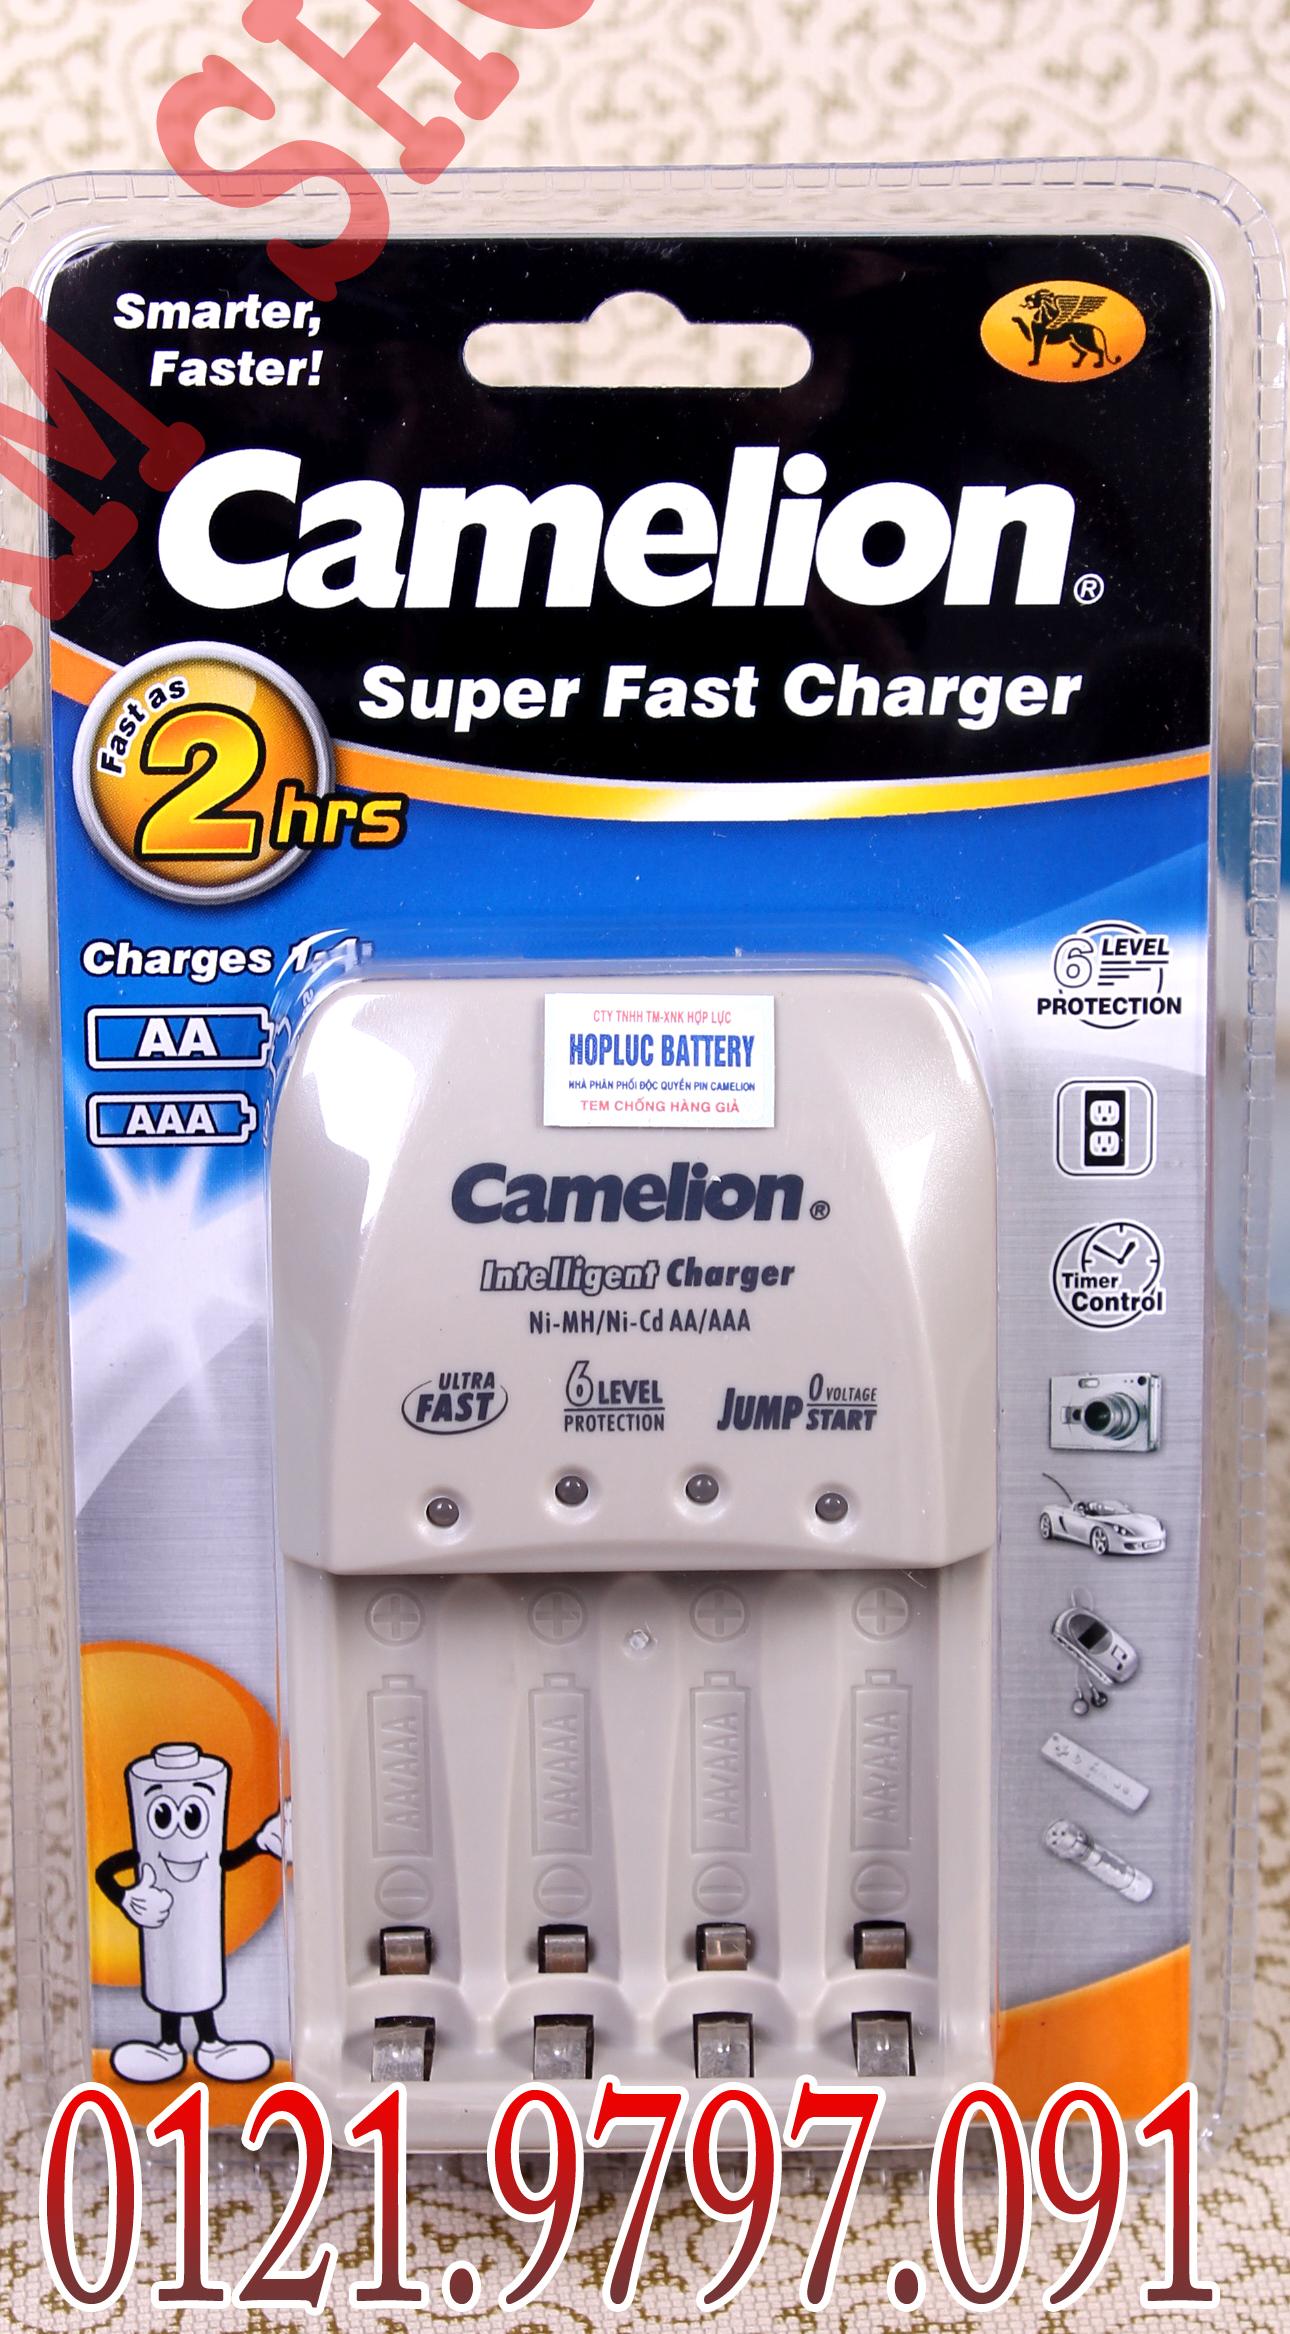 Phân phối pin, sạc camelion, thẻ nhớ chính hãng giá tốt nhất - 34